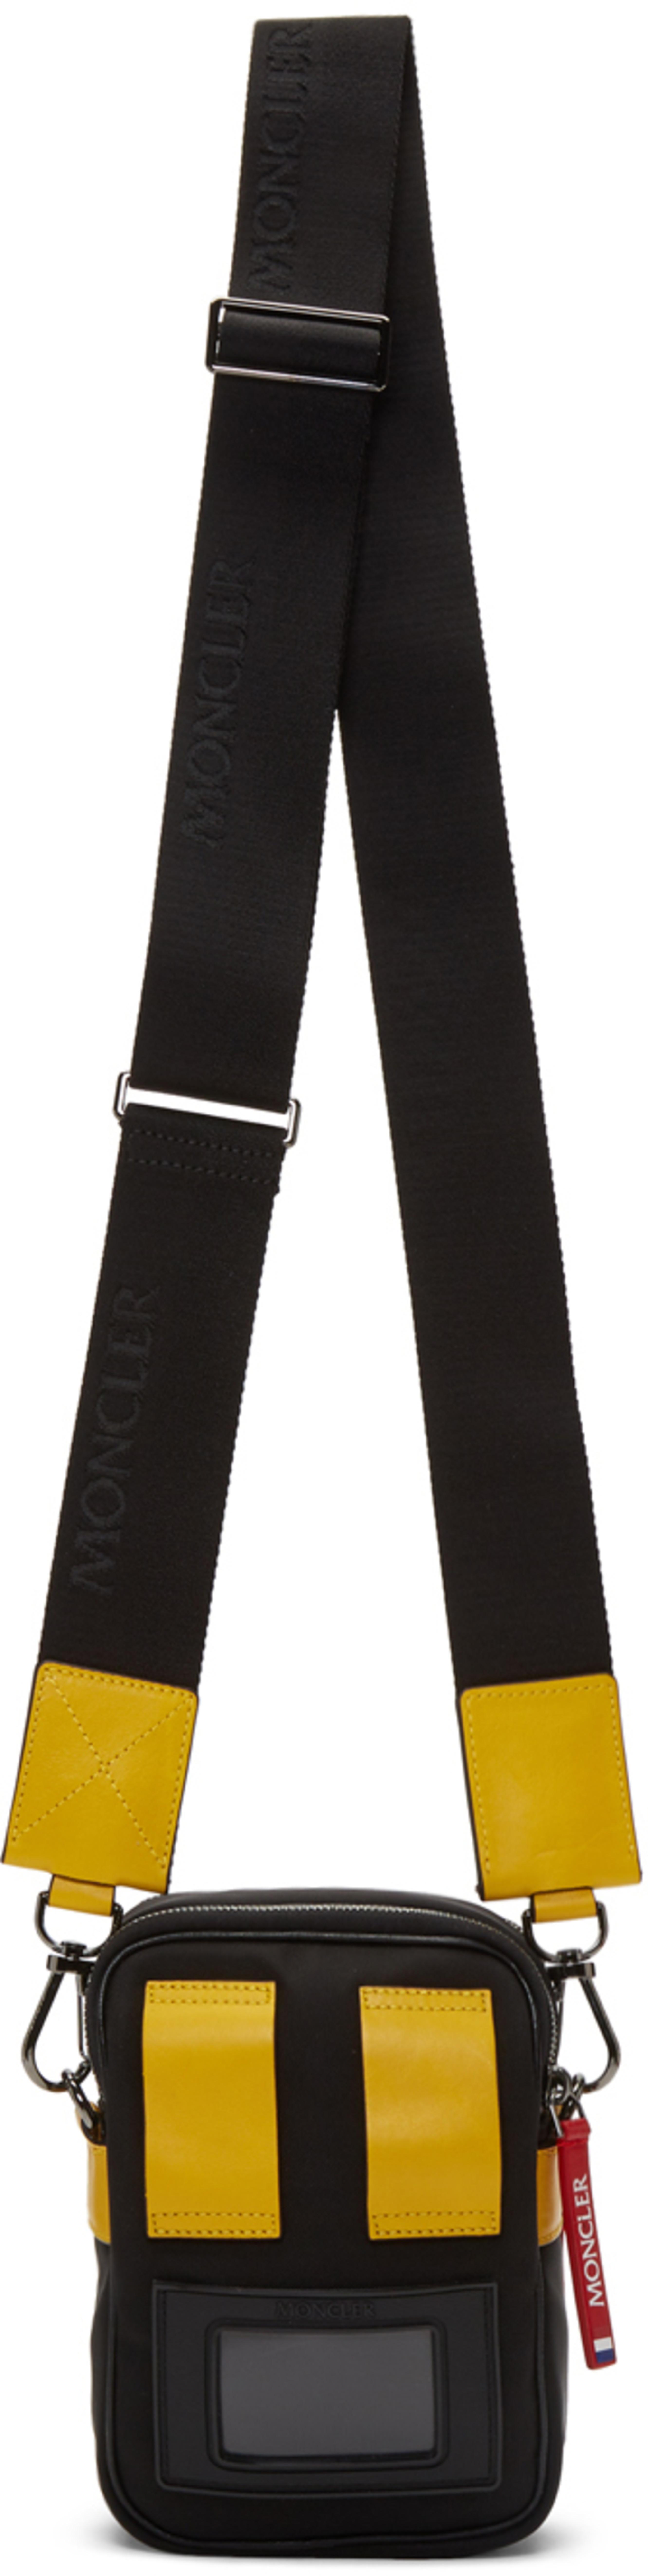 promo code a984f 67936 Black & Yellow Detour Crossbody Bag